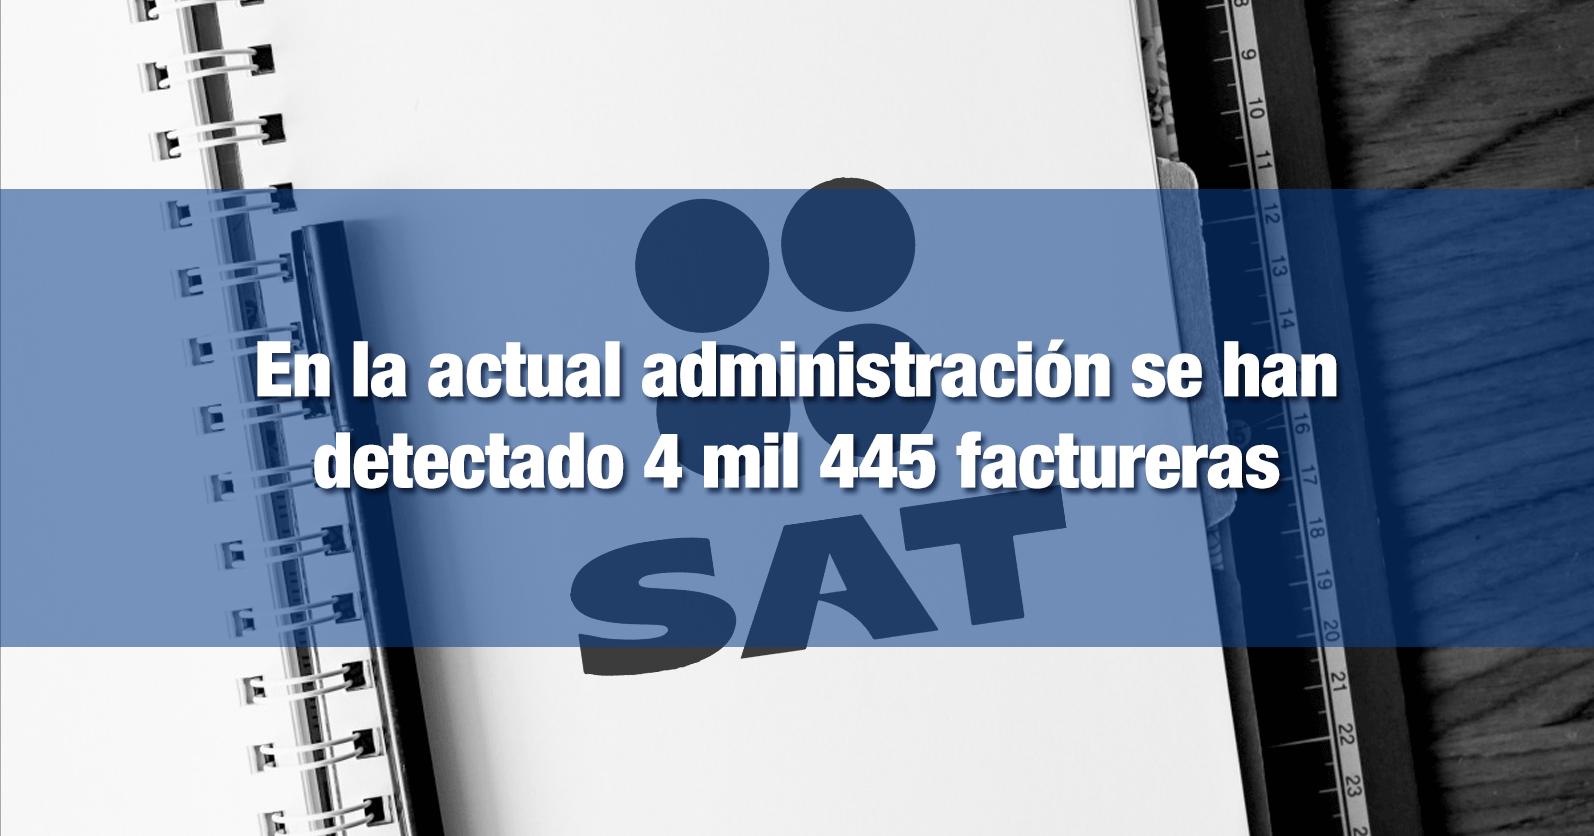 En la actual administración se han detectado 4 mil 445 factureras